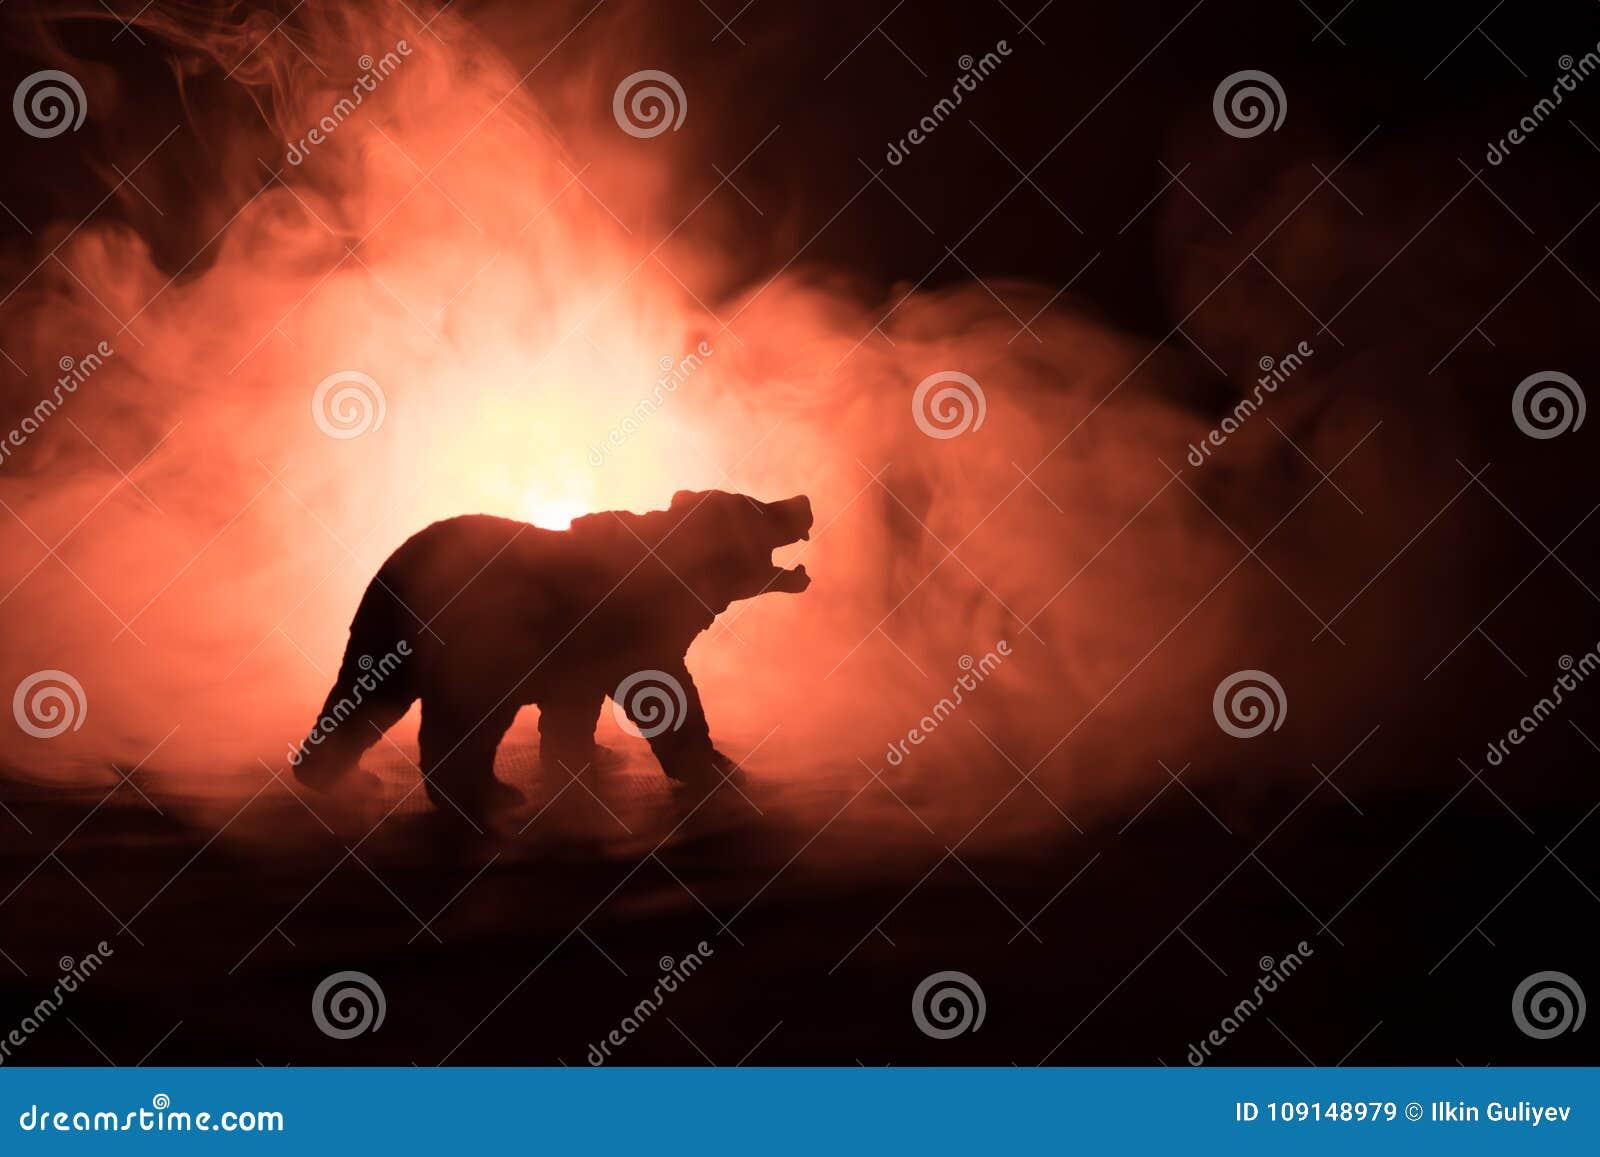 Oso enojado detrás del cielo nublado del fuego La silueta de un oso en fondo de niebla de la oscuridad del bosque Foco selectivo